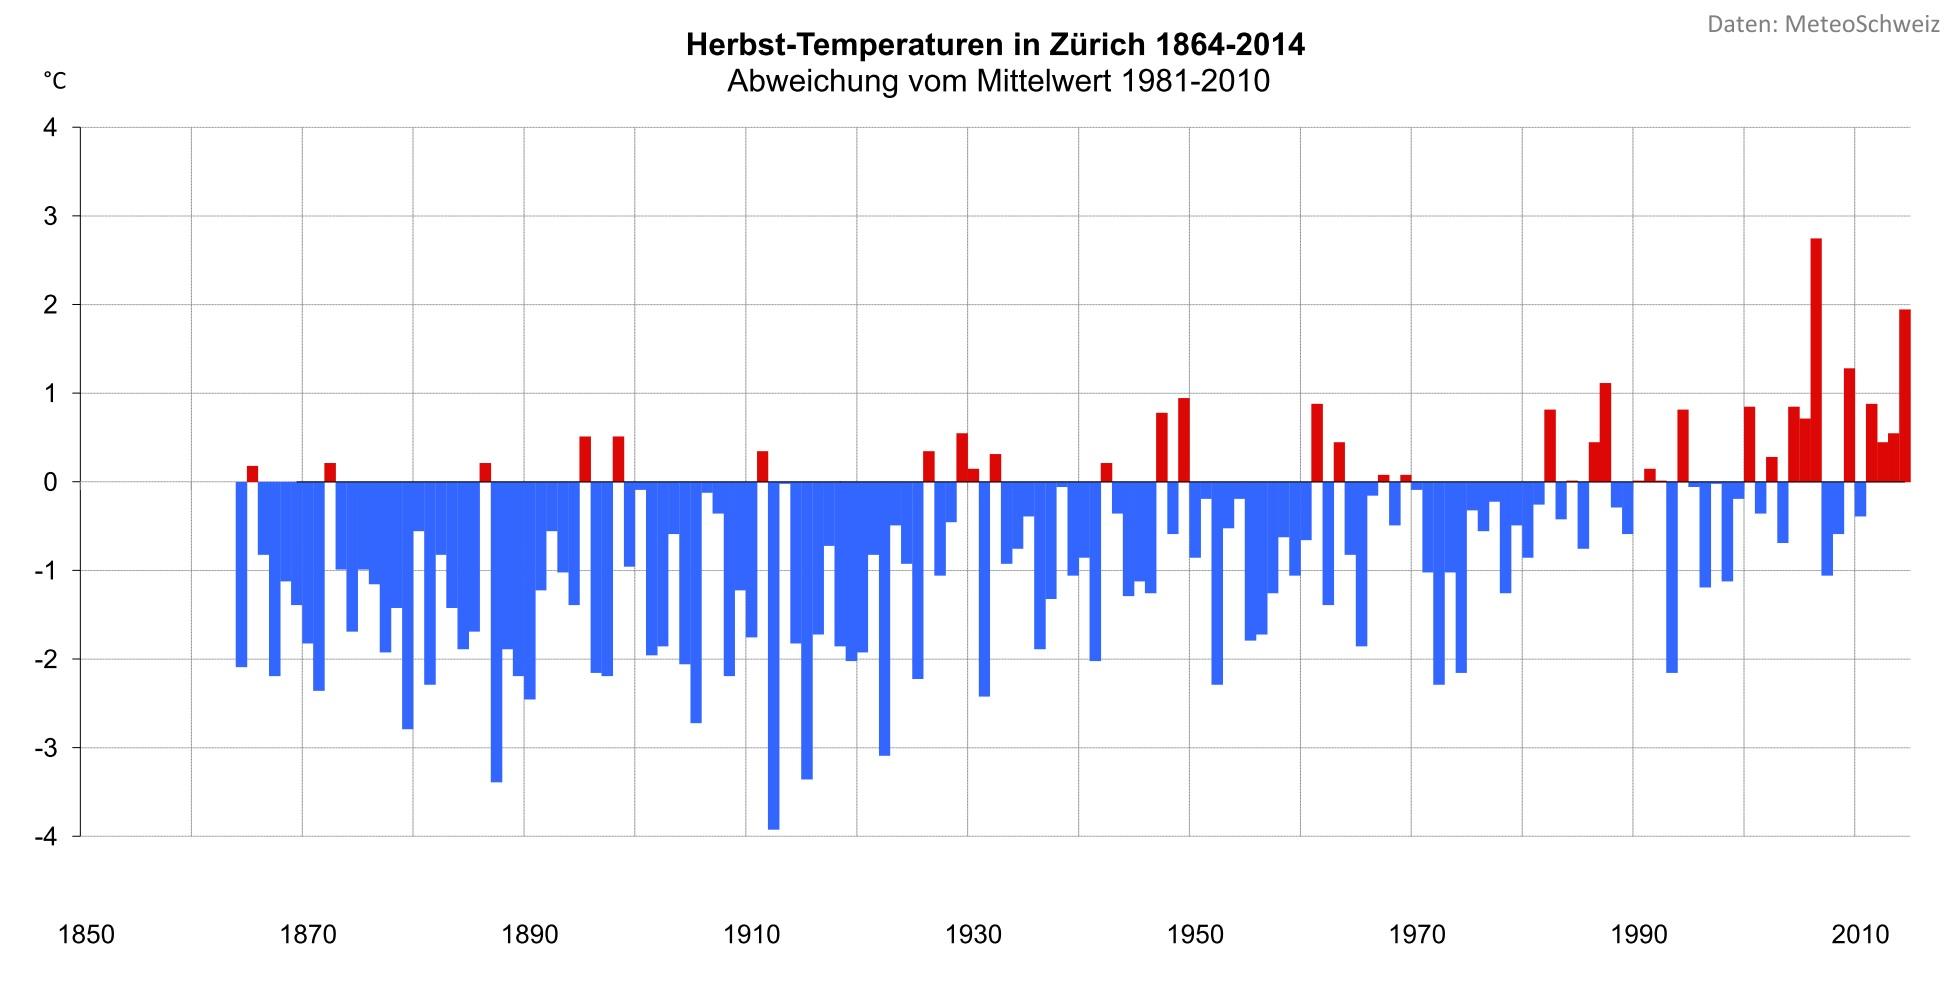 Der Herbst 2014 war in Zürich 2 Grad wärmer als der Durchschnitt 1981-2010 und somit der zweitwärmste seit Messbeginn 1864. Noch wärmer war der Herbst nur im Jahr 2006.